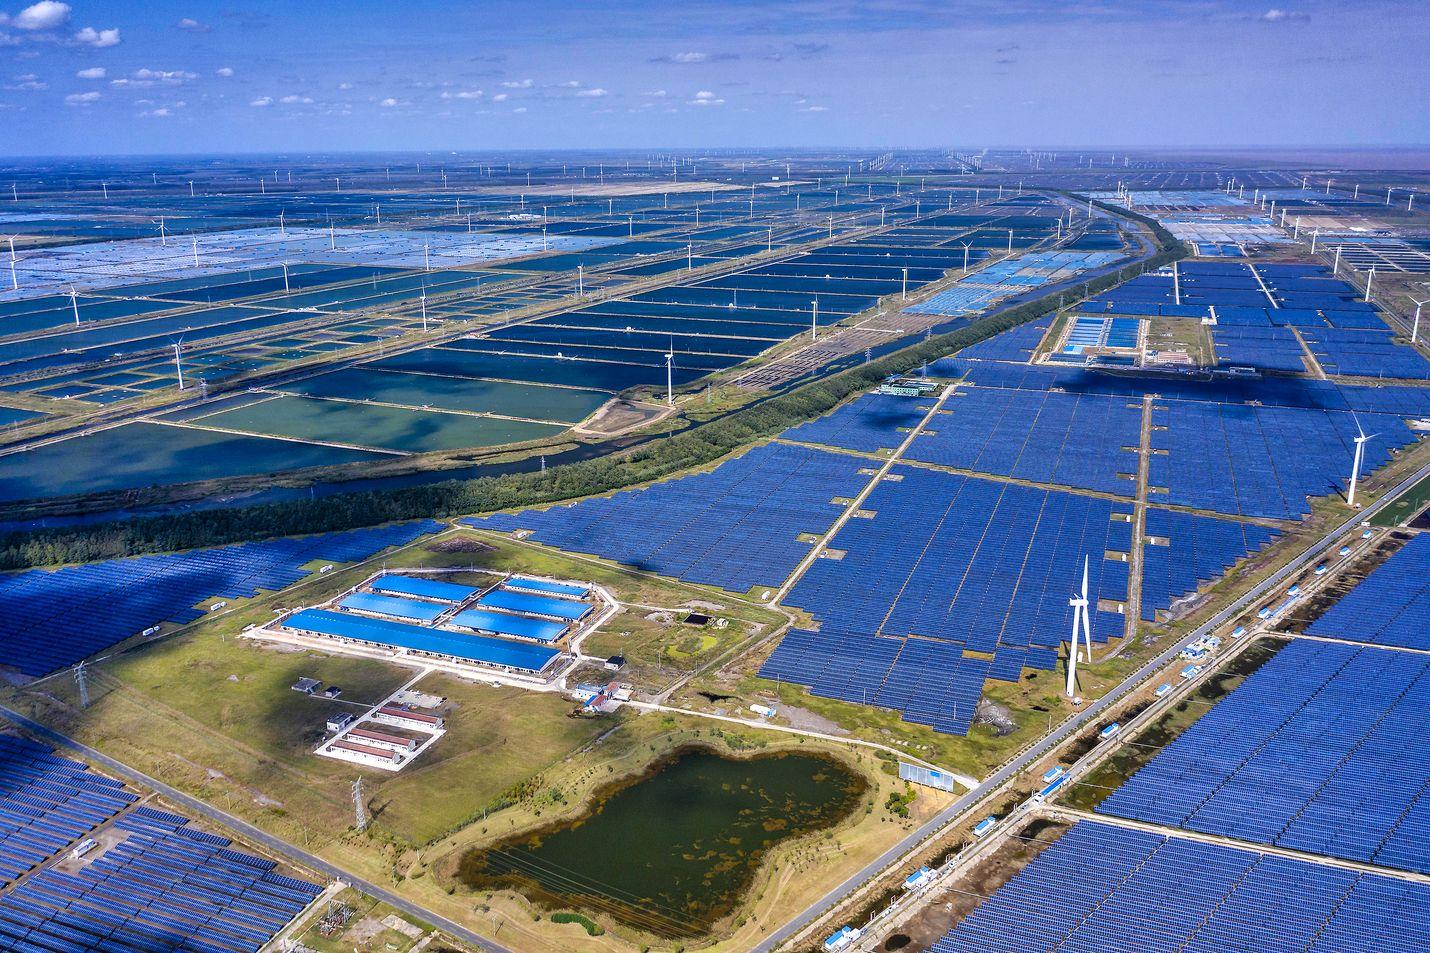 Vaikka Kiina on vielä erittäin riippuvainen hiilivoimasta, ovat investoinnit uusiutuvaan energiaan valtavia. Maailman suurin tuuli- ja aurinkovoimaa sekä kalanviljelyä yhdistävä kompleksi Dongtaissa.